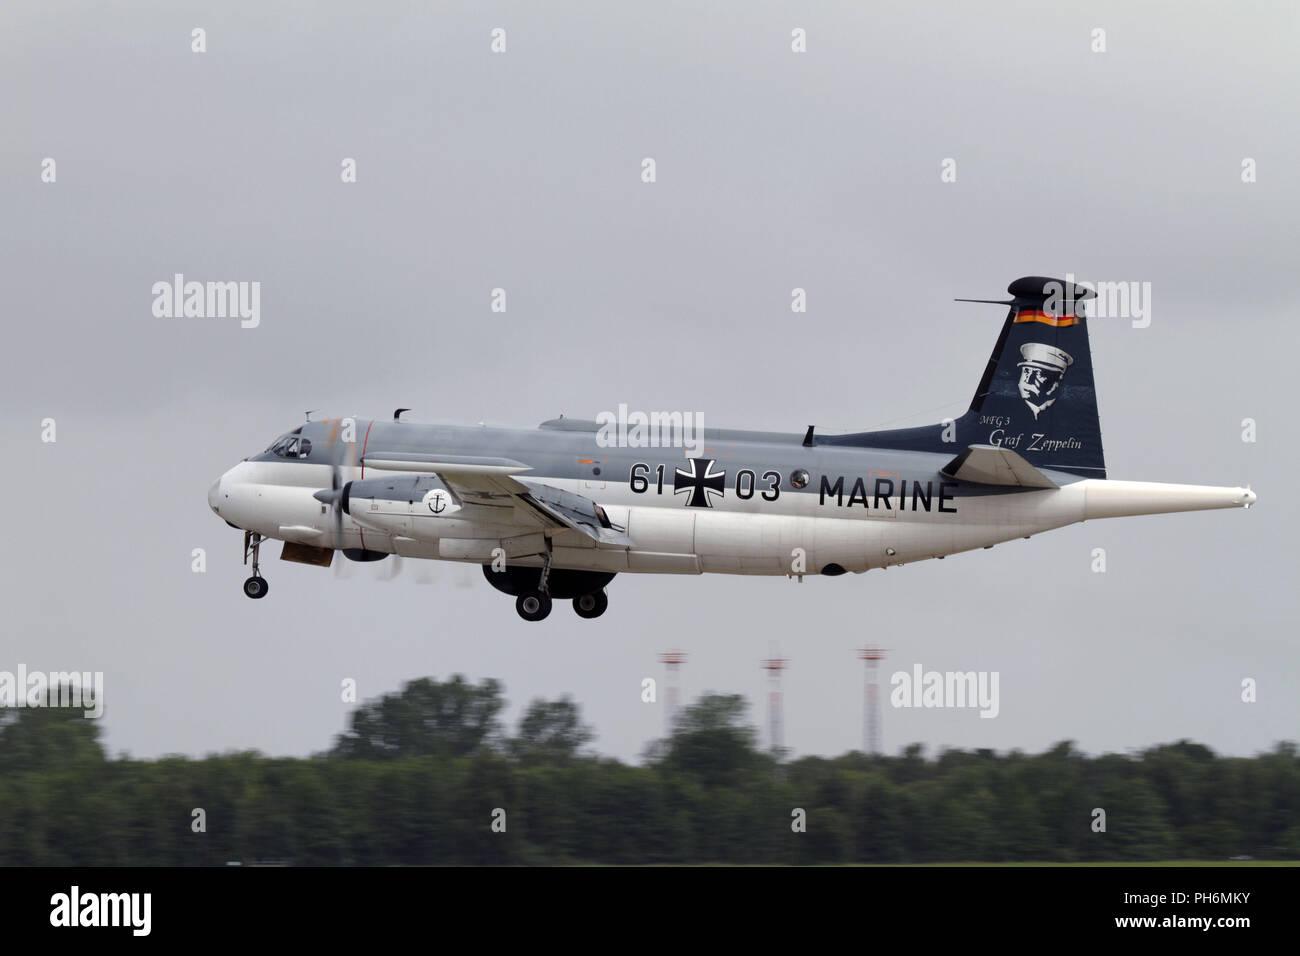 En Nordholz Marinefliegergeschwader 3. Foto de stock